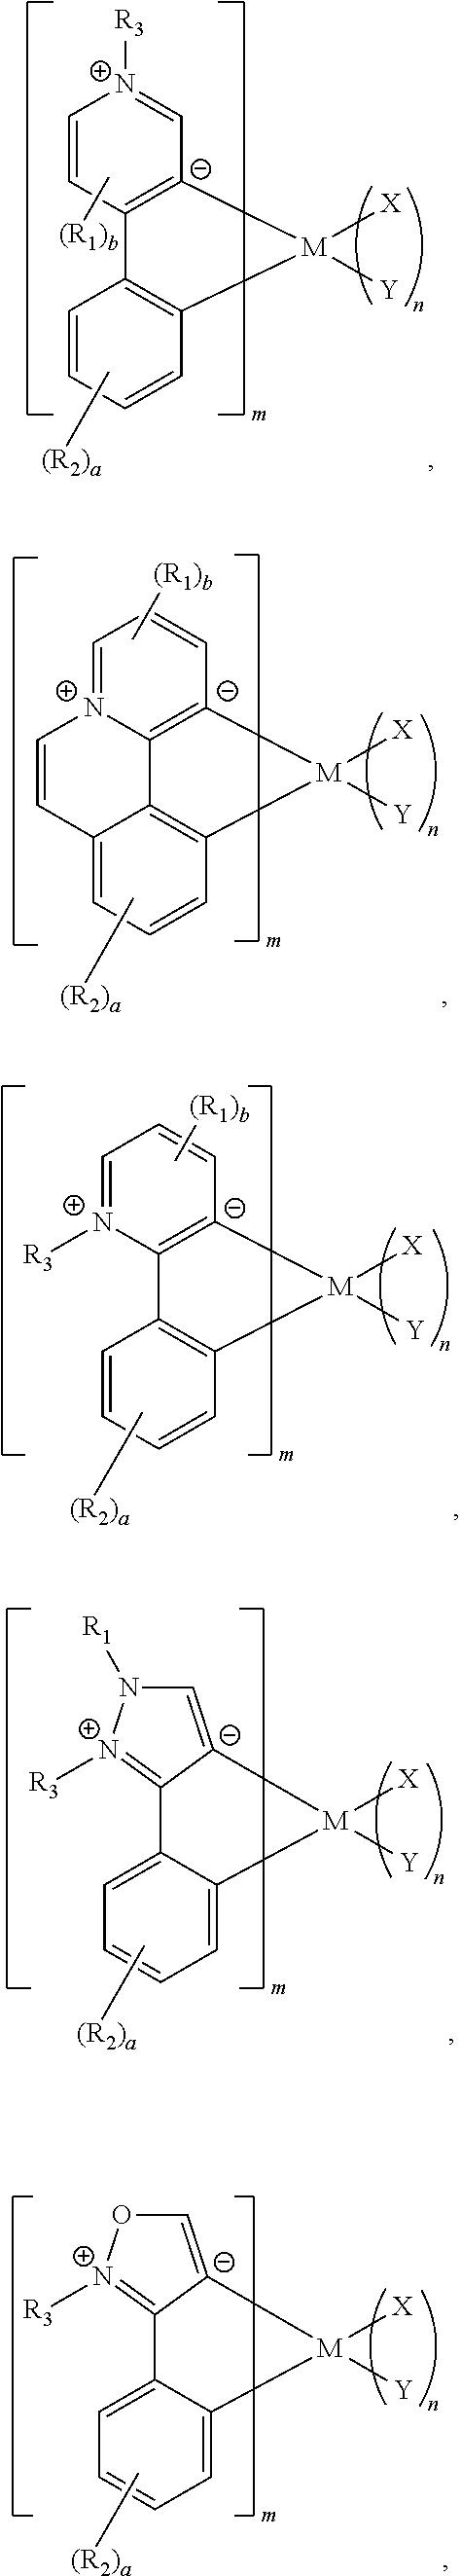 Figure US08426041-20130423-C00008